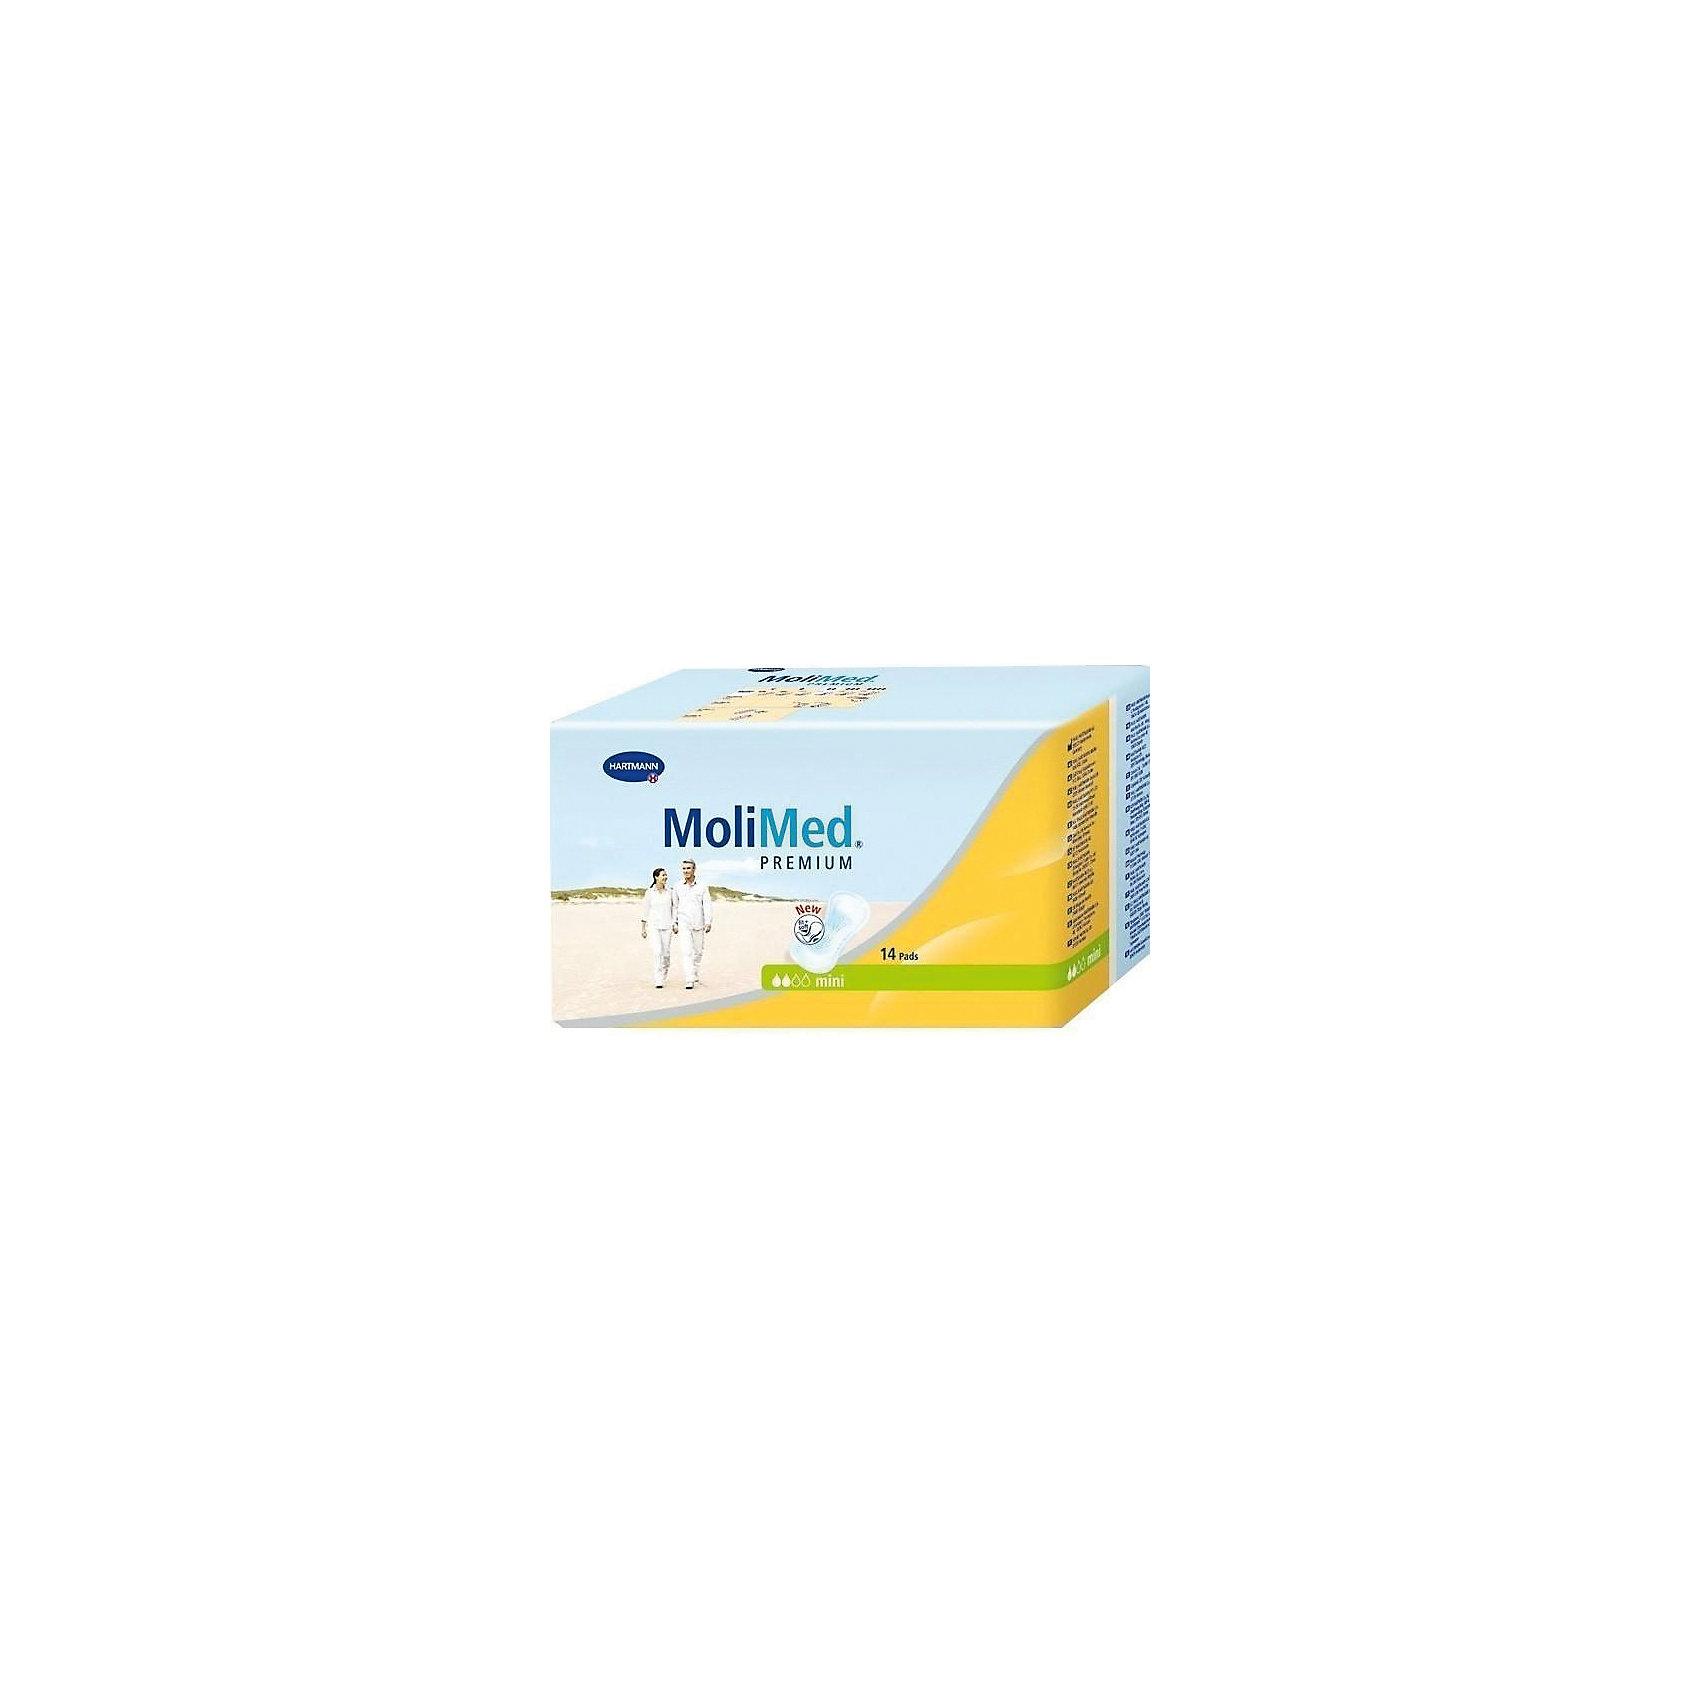 Прокладки MoliMed Premium mini впитываемость 316 мл, 14шт, HartmannРекомендуются при критических днях, легкой степени недержания у женщин, ведущих активный образ жизни, и в качестве защитного средства после вагинальных вмешательств до и после родов. Прокладки имеют анатомическую форму и трехслойную впитывающую подушку, которая обеспечивает максимальную впитываемость. Гипоаллергенны, подходят для чувствительной кожи. Незаметны при ношении. <br>Впитываемость: 316 мл.<br>Состав<br>    Изготовлены из экологически чистого сырья, дерматологически протестированы, предотвращают появление возможных раздражений кожи.<br>    Впитывающий слой Dry-Plus из распушенной целлюлозы поглощает влагу во впитывающую подушку, оставаясь сухим для кожи<br>    Суперабсорбент High Dry SAP, превращающий жидкость в гель, удерживает жидкость и запах внутри.<br>    Эластичный кант, плотно прилегающий к телу, предотвращая протекание, гарантирует комфорт и надежность.<br>    Широкая клеящая полоса надежно фиксирует прокладку к белью.<br><br>Ширина мм: 120<br>Глубина мм: 220<br>Высота мм: 150<br>Вес г: 230<br>Возраст от месяцев: 216<br>Возраст до месяцев: 1188<br>Пол: Унисекс<br>Возраст: Детский<br>SKU: 4796664